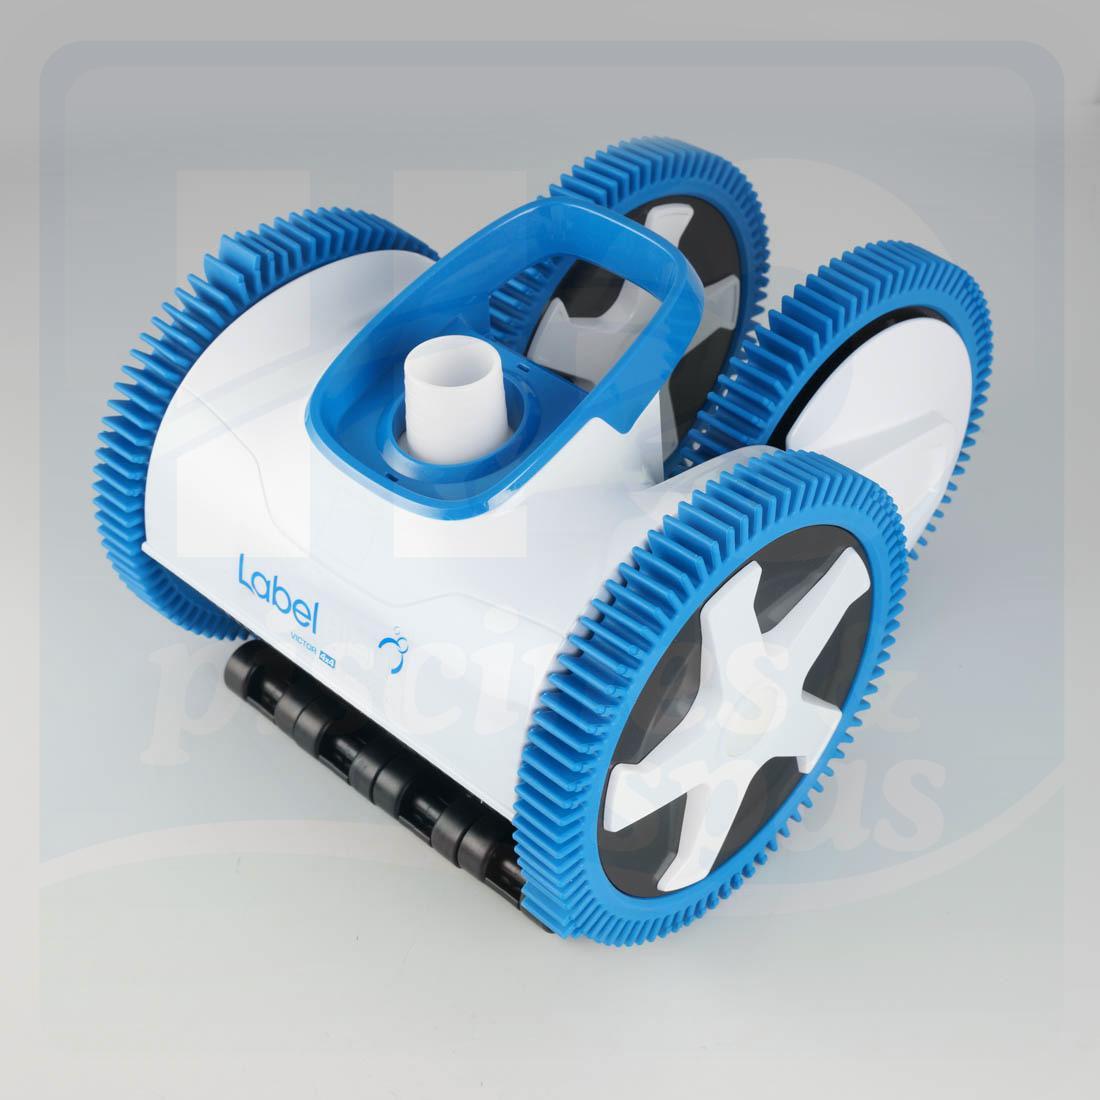 robot hydraulique interesting soyez le premier donner votre avis with robot hydraulique. Black Bedroom Furniture Sets. Home Design Ideas